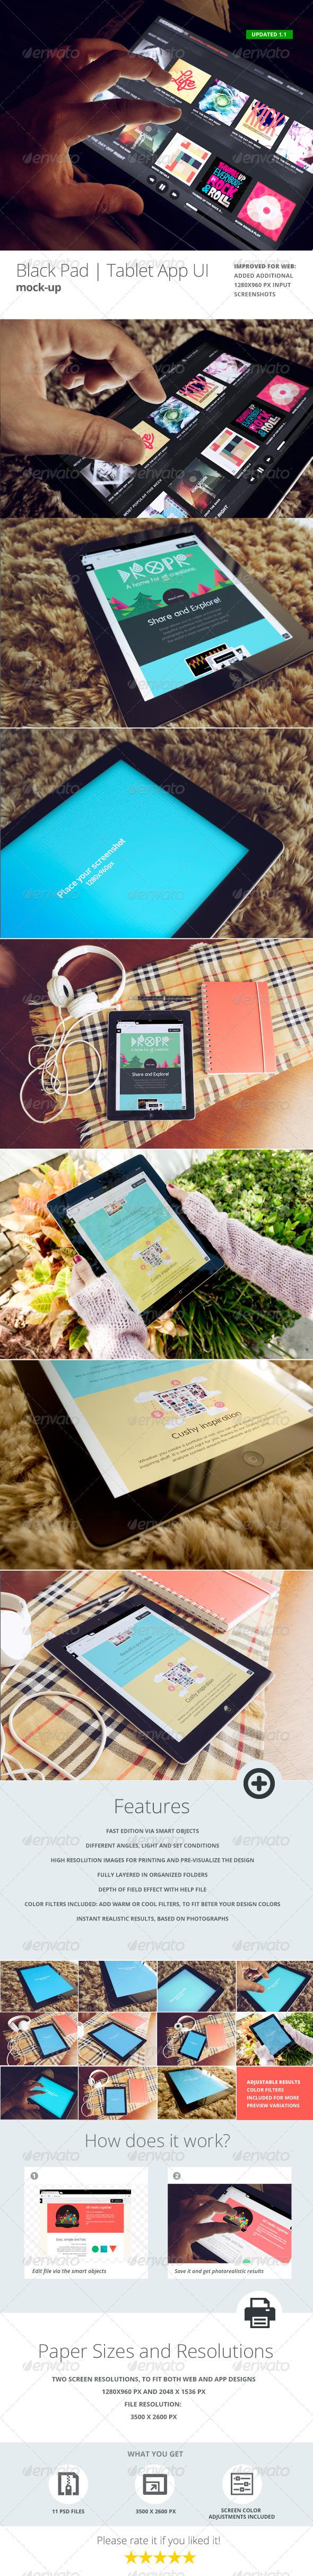 Black Pad | Tablet App UI Mock-Up v3 - Mobile Displays